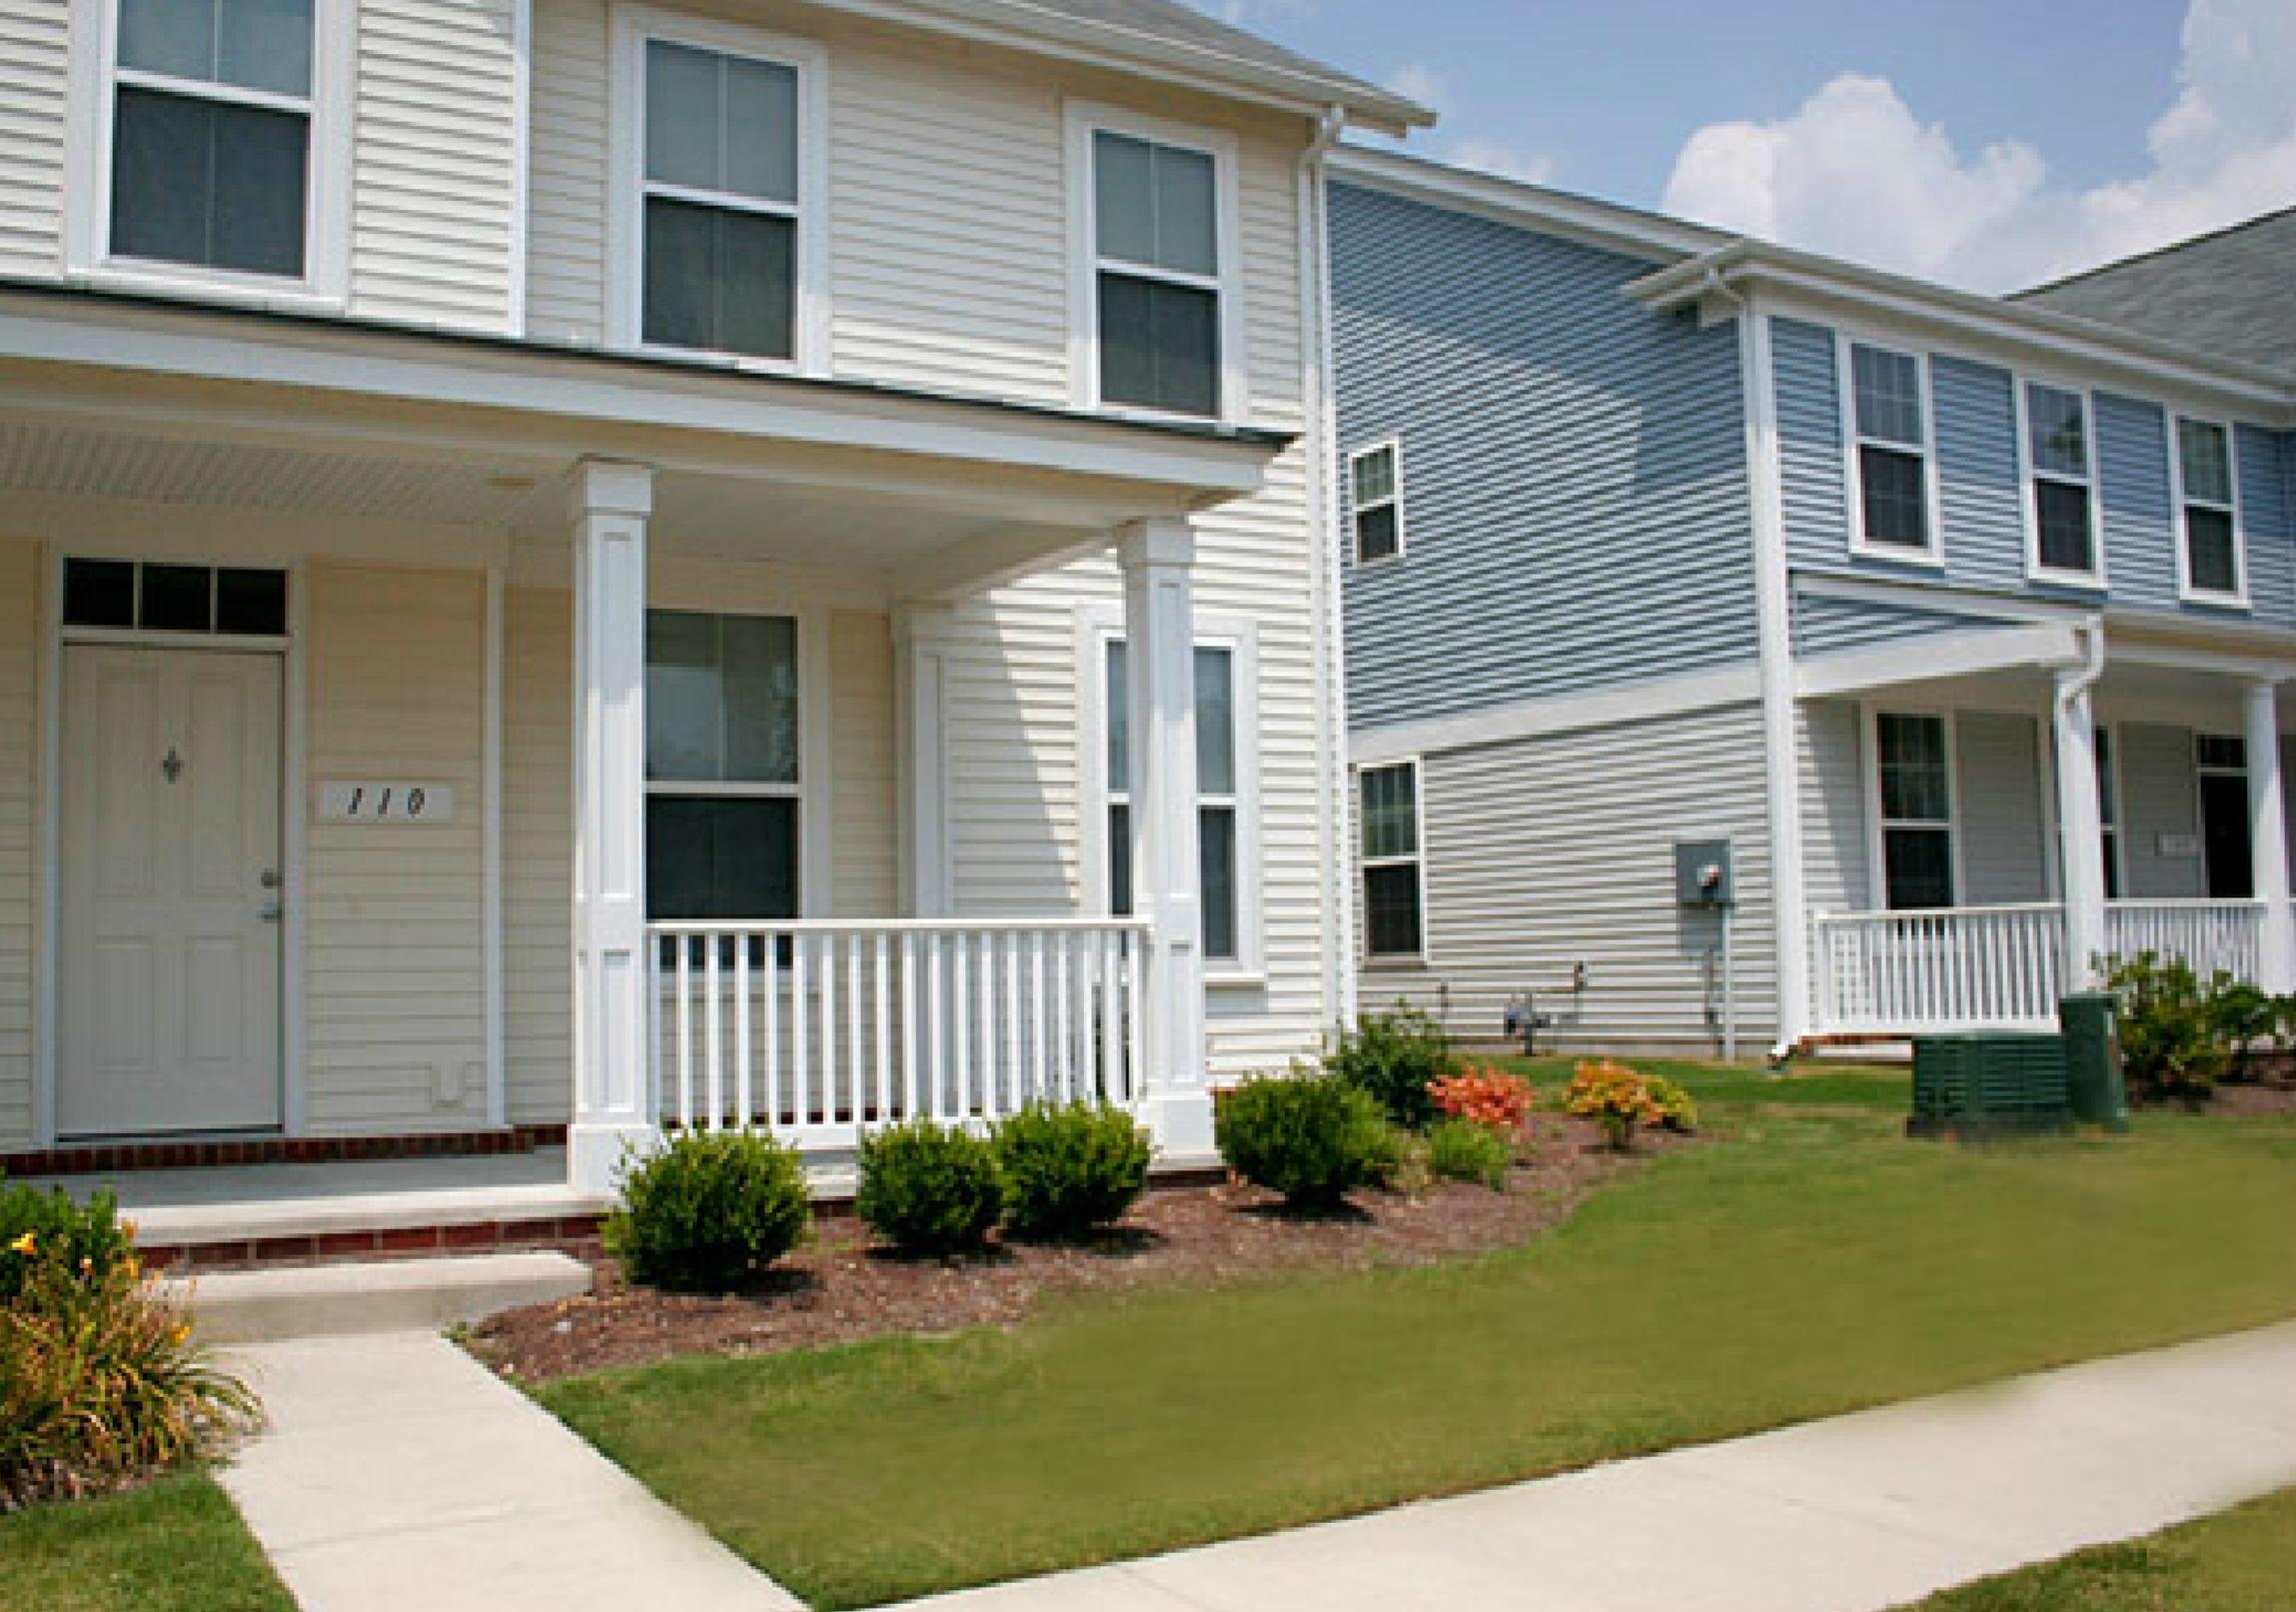 Nsa Norfolk Northwest Annex New Gosport Neighborhood 3 5 Bedroom Homes Designated For E1 E9 Service Military Housing Lincoln Military Housing Base Housing